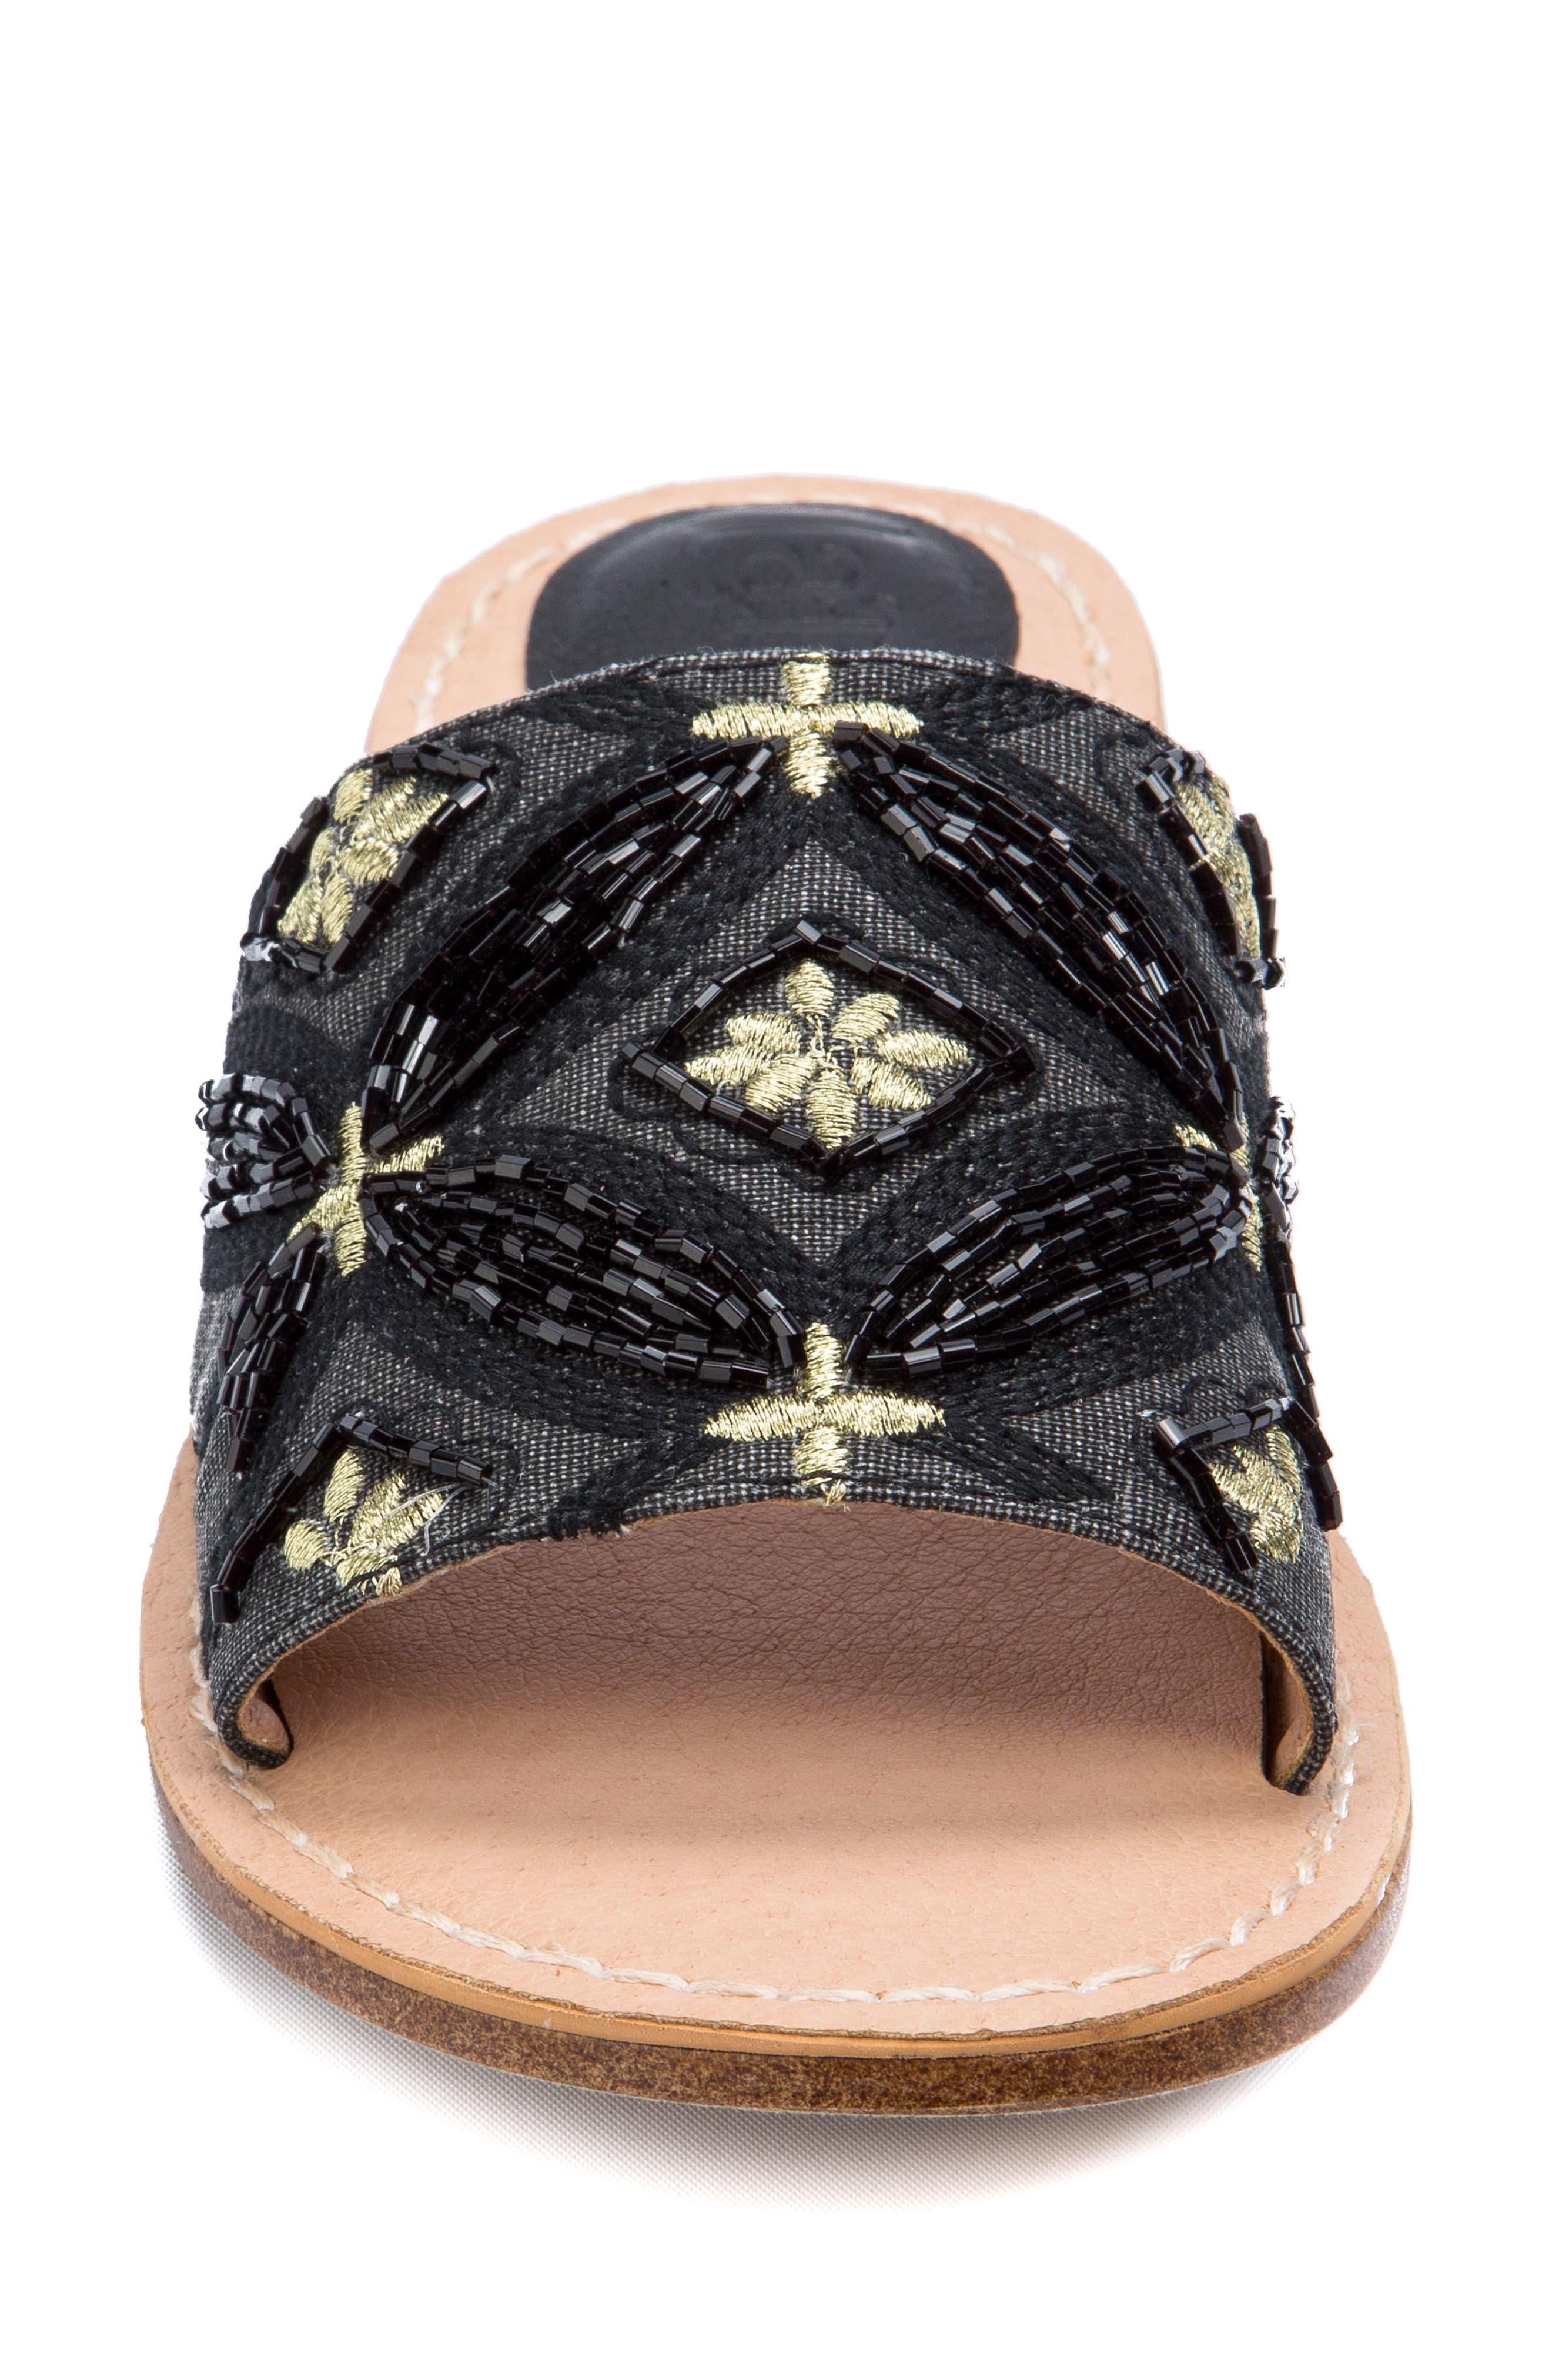 Vella Embellished Slide Sandal,                             Alternate thumbnail 4, color,                             001